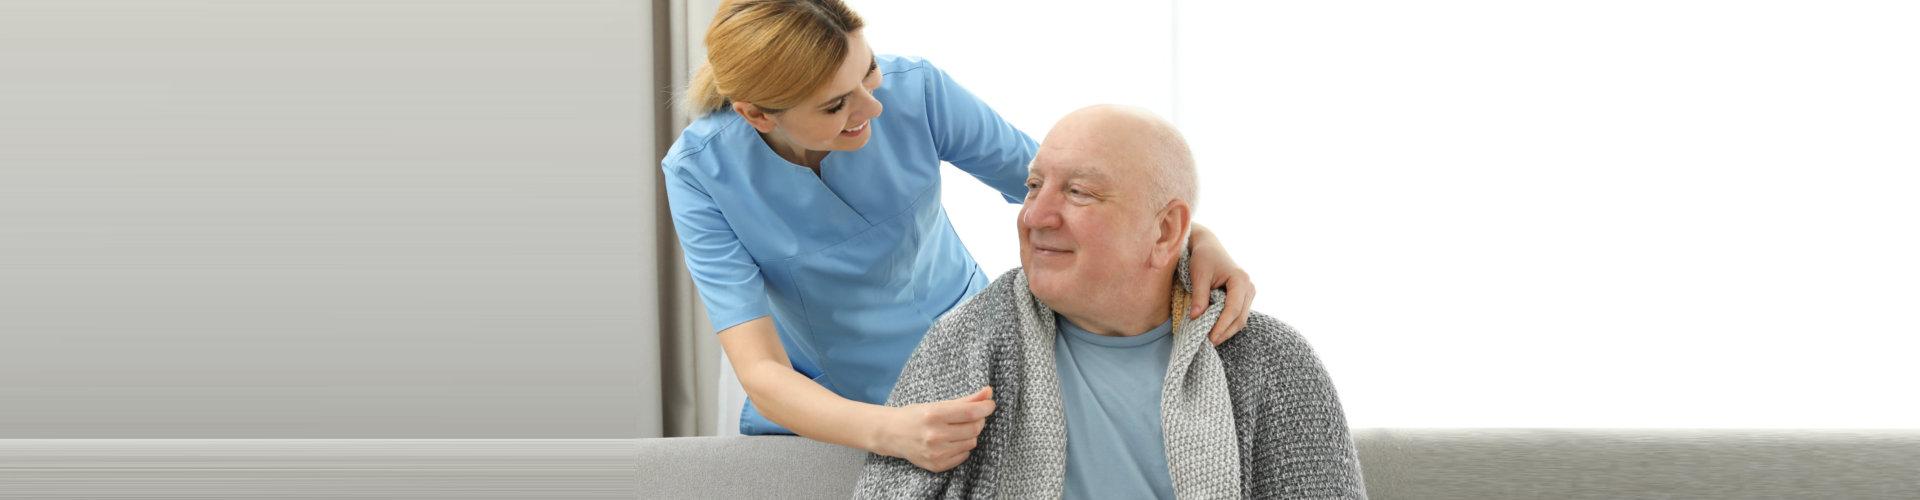 a nurse giving a senior a blanket